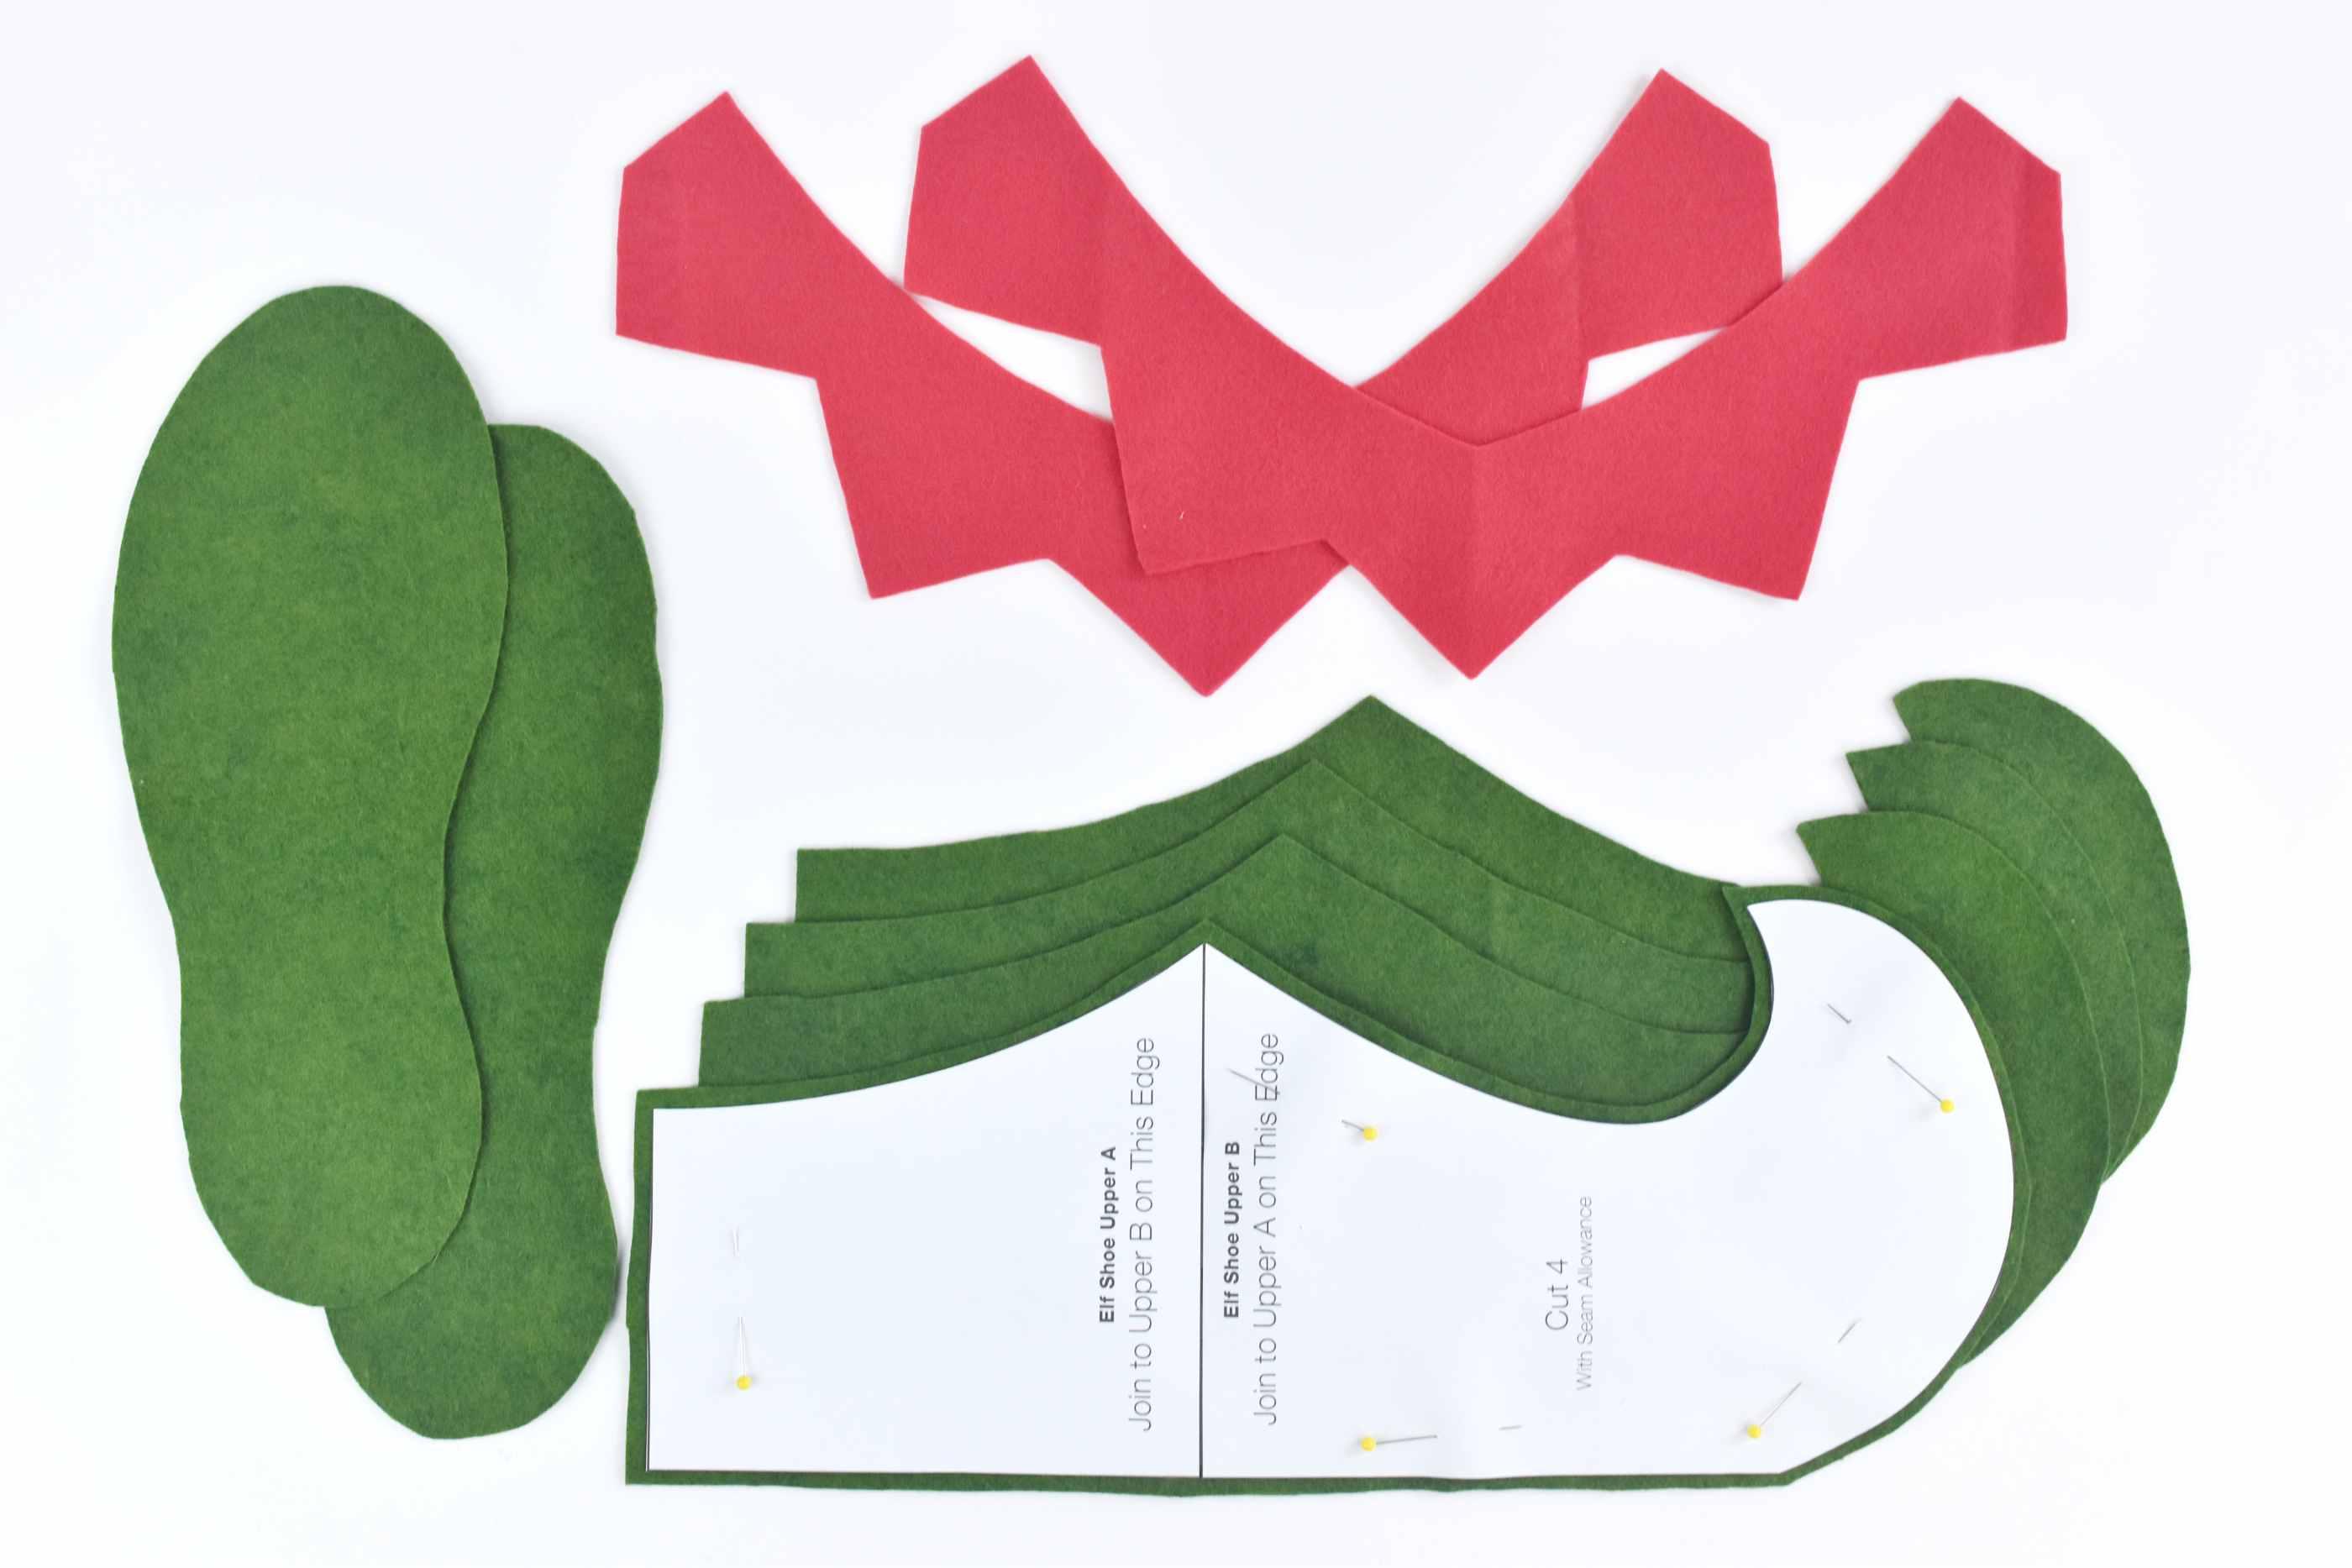 feea6531fc8 How to Sew Felt Elf Shoes